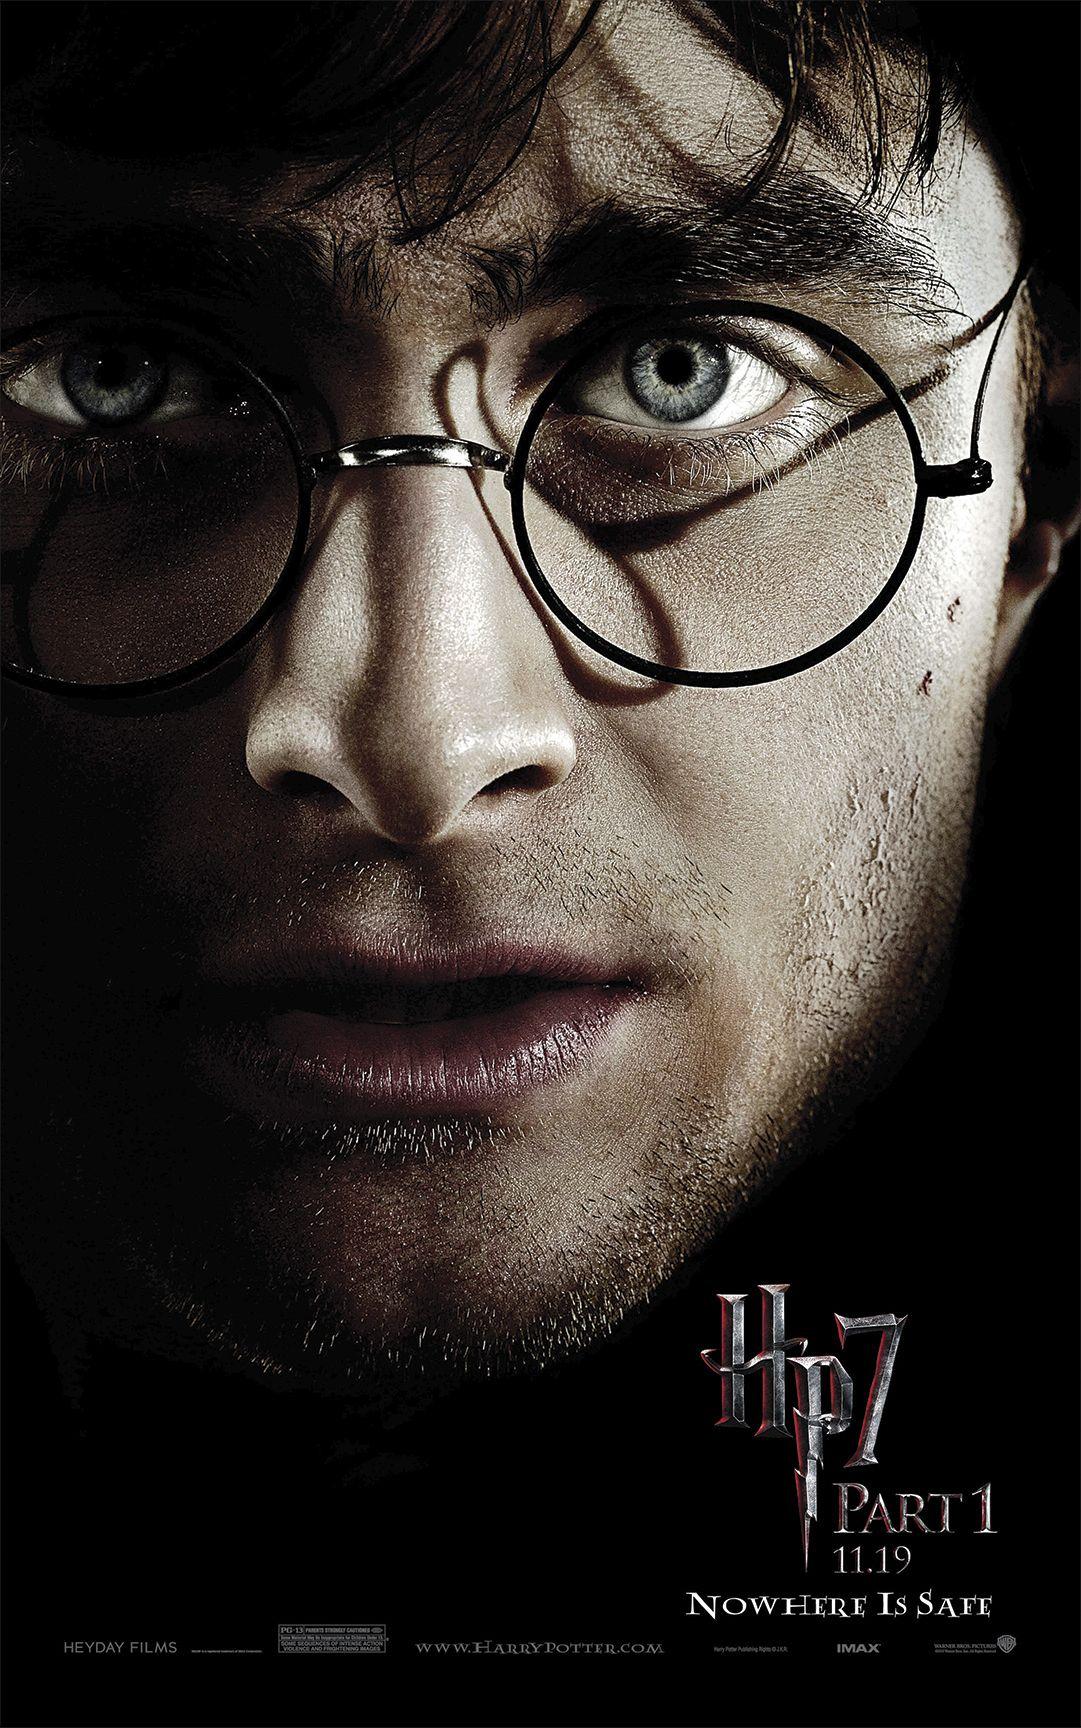 Great Wallpaper Harry Potter Portrait - 38a51dedb025a0cc18cfcc6a7f507bc0  You Should Have_65352.jpg